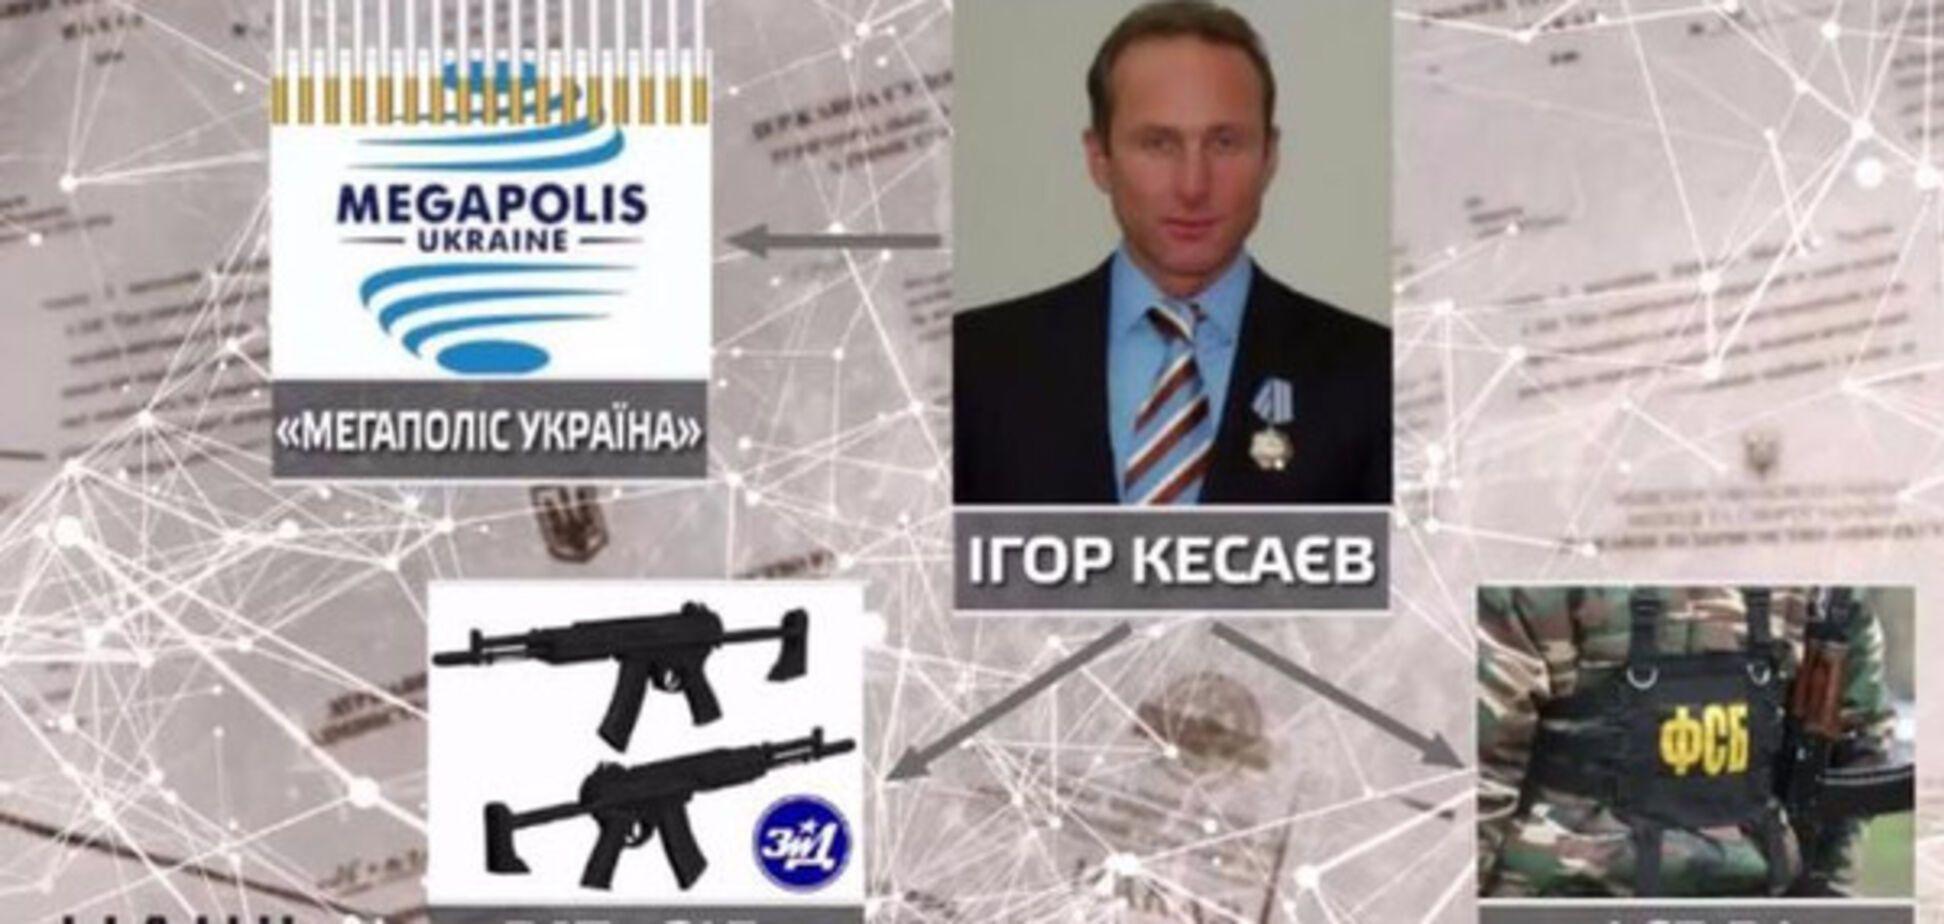 Геть російський терористичний бізнес 'Тедіс -Мегаполіс ' з України!